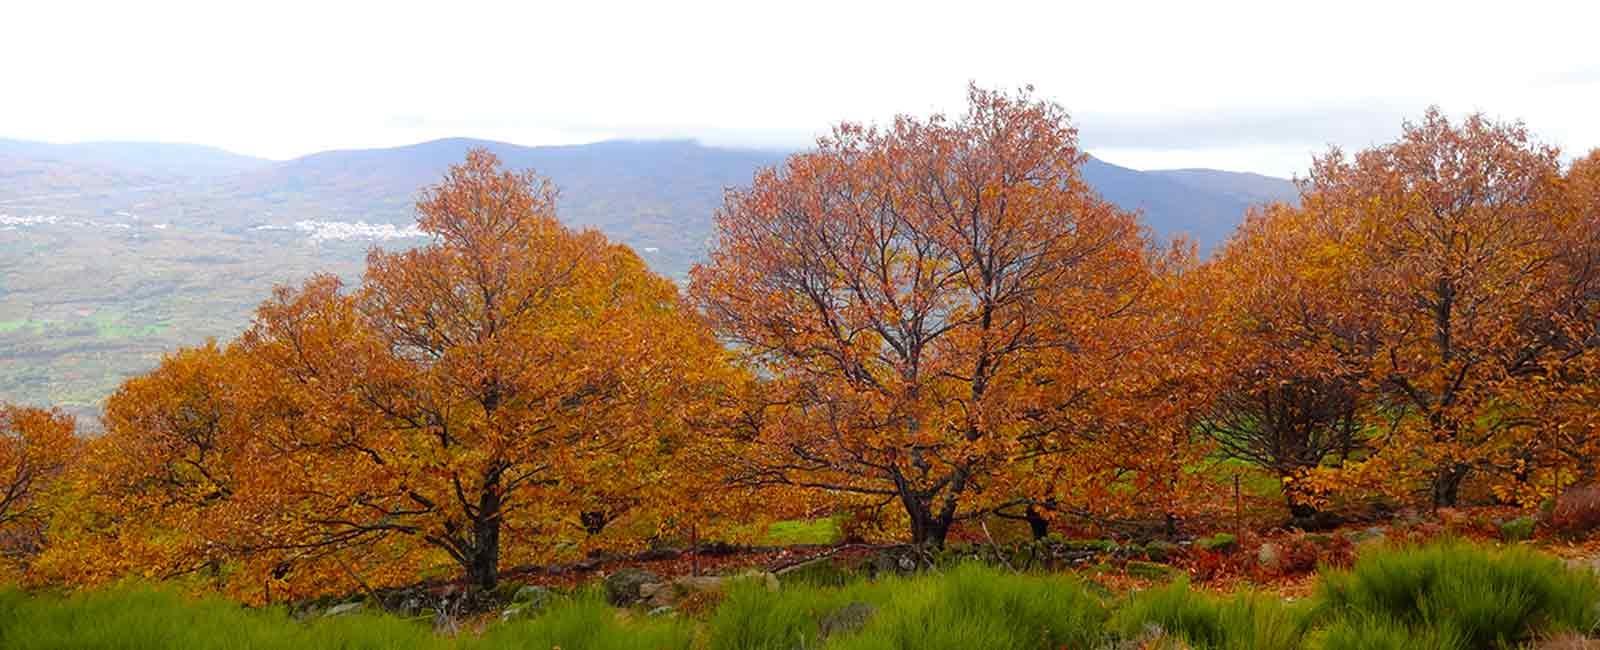 La Otoñada 2017 en el Valle del Jerte